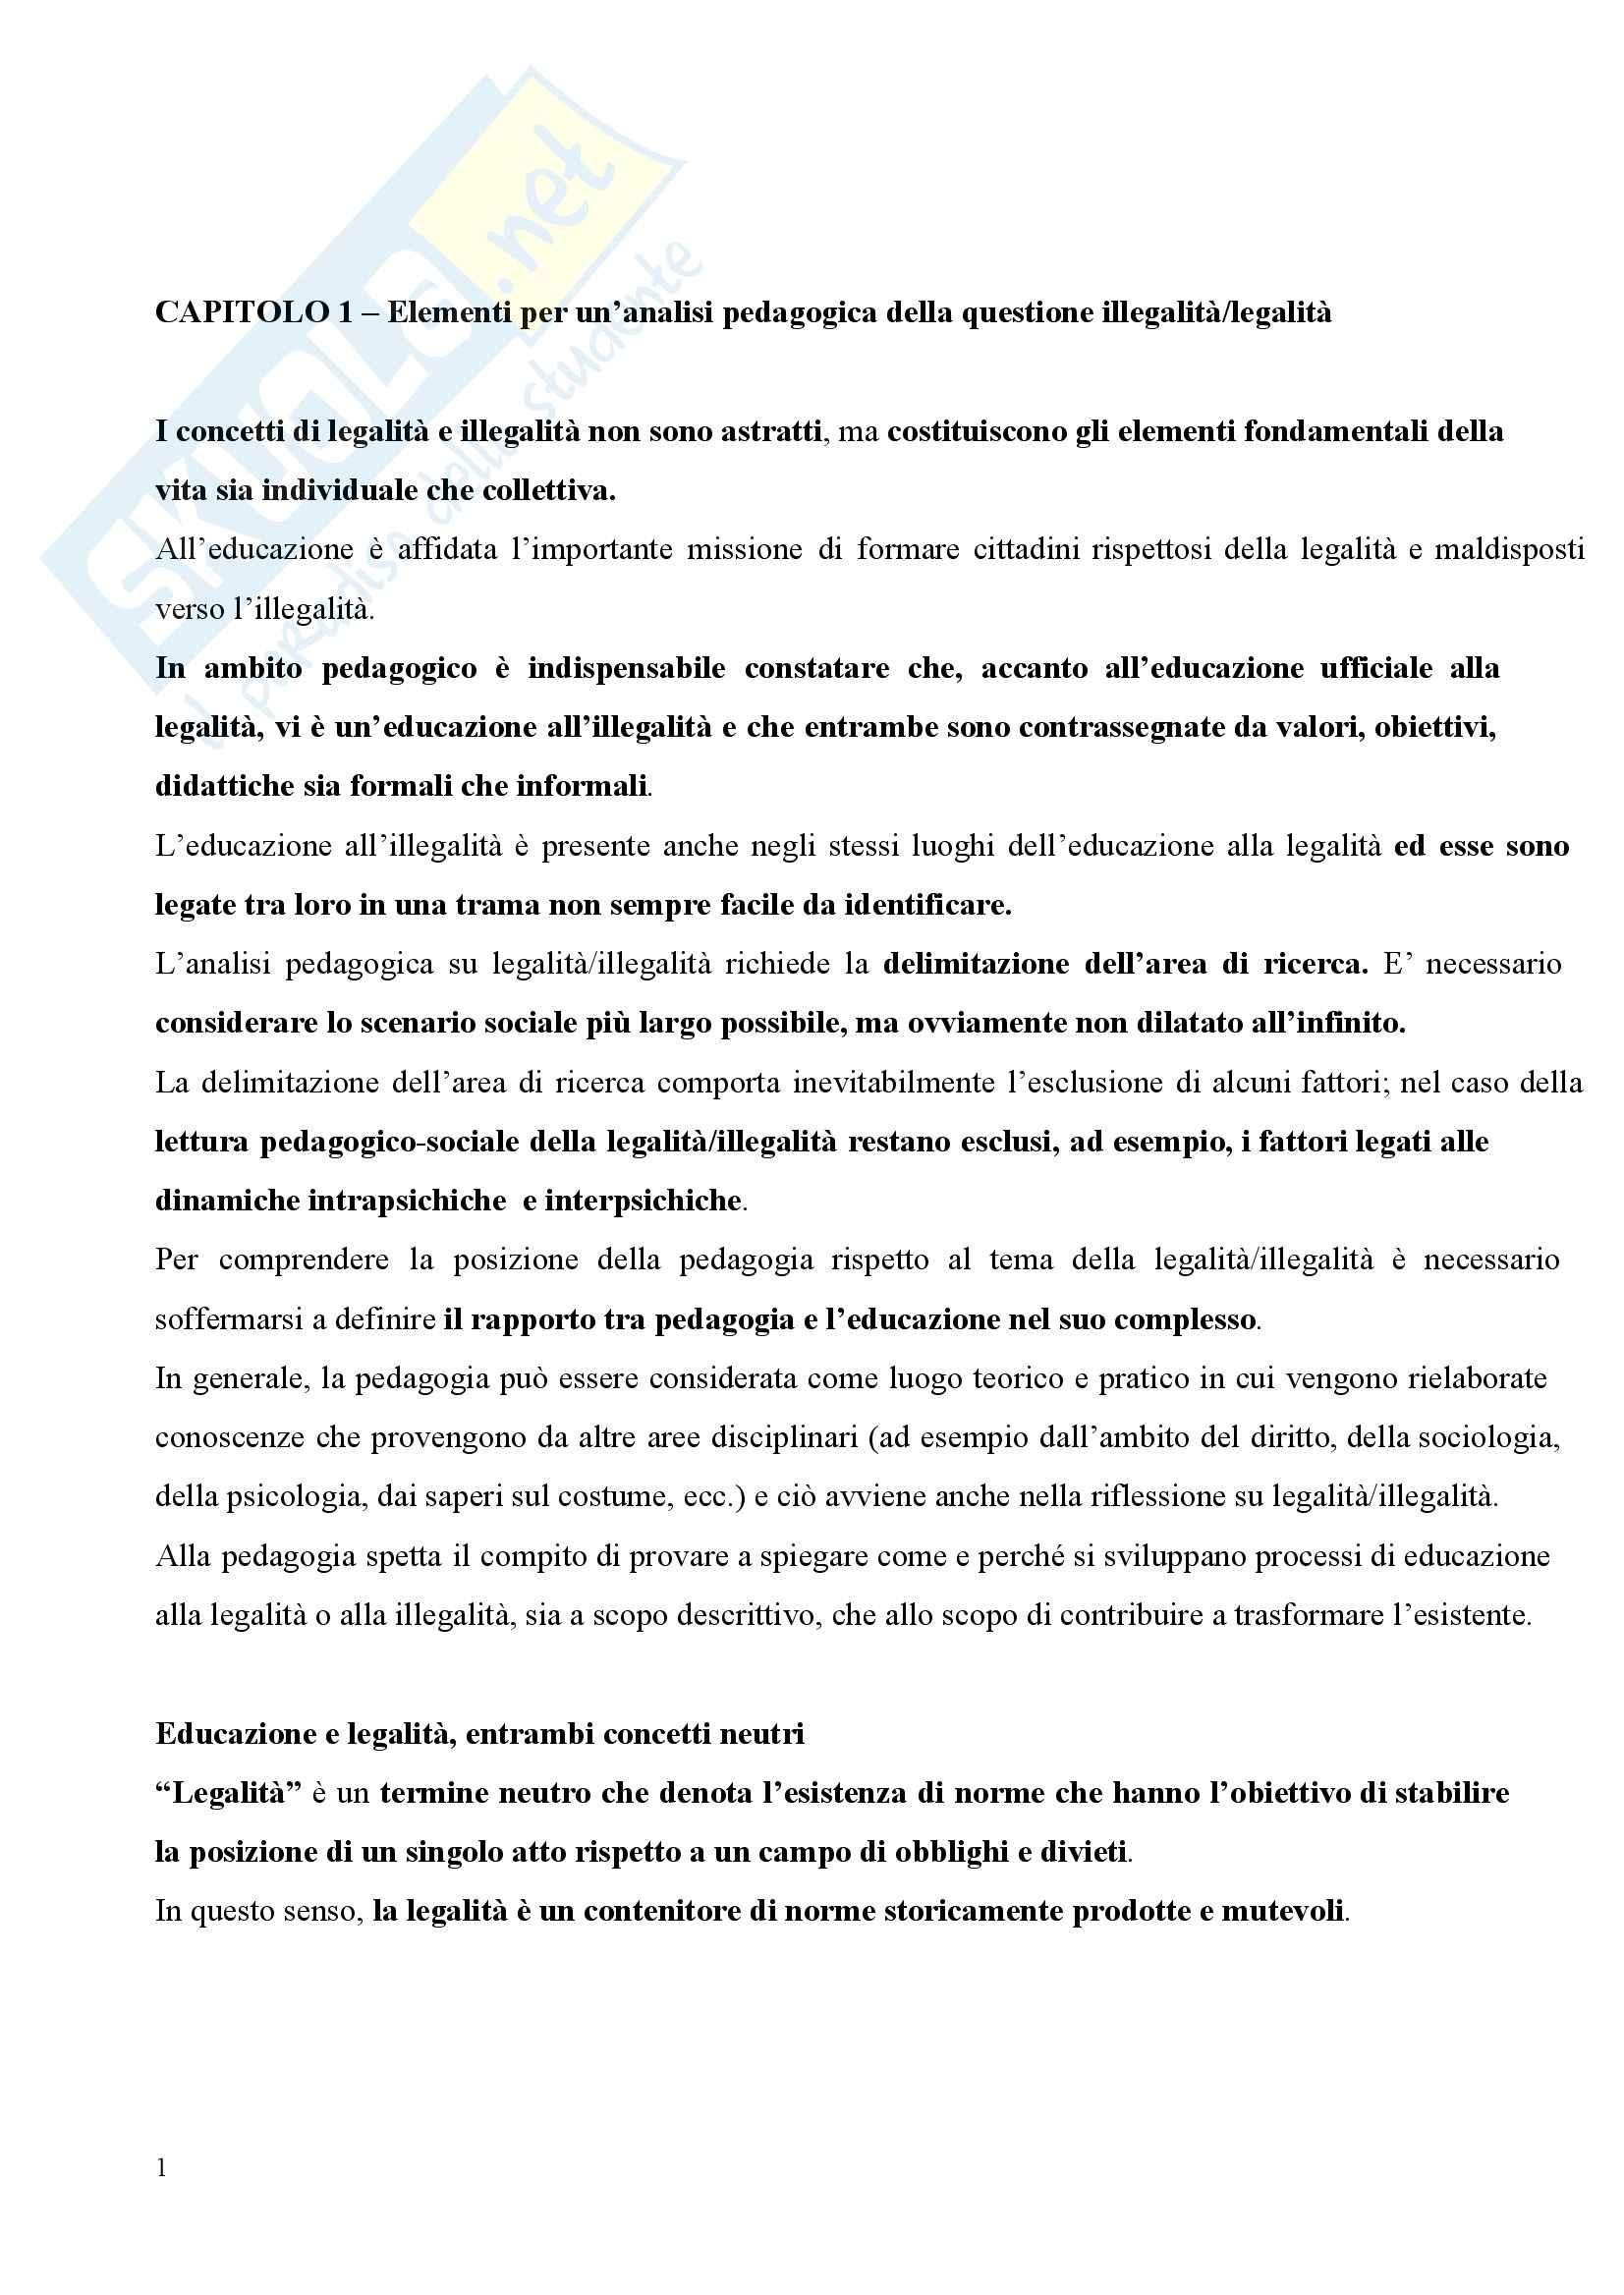 Riassunto esame Pedagogia Sociale, prof. Tramma, libro consigliato Legalità Illegalità: Il Confine Pedagogico